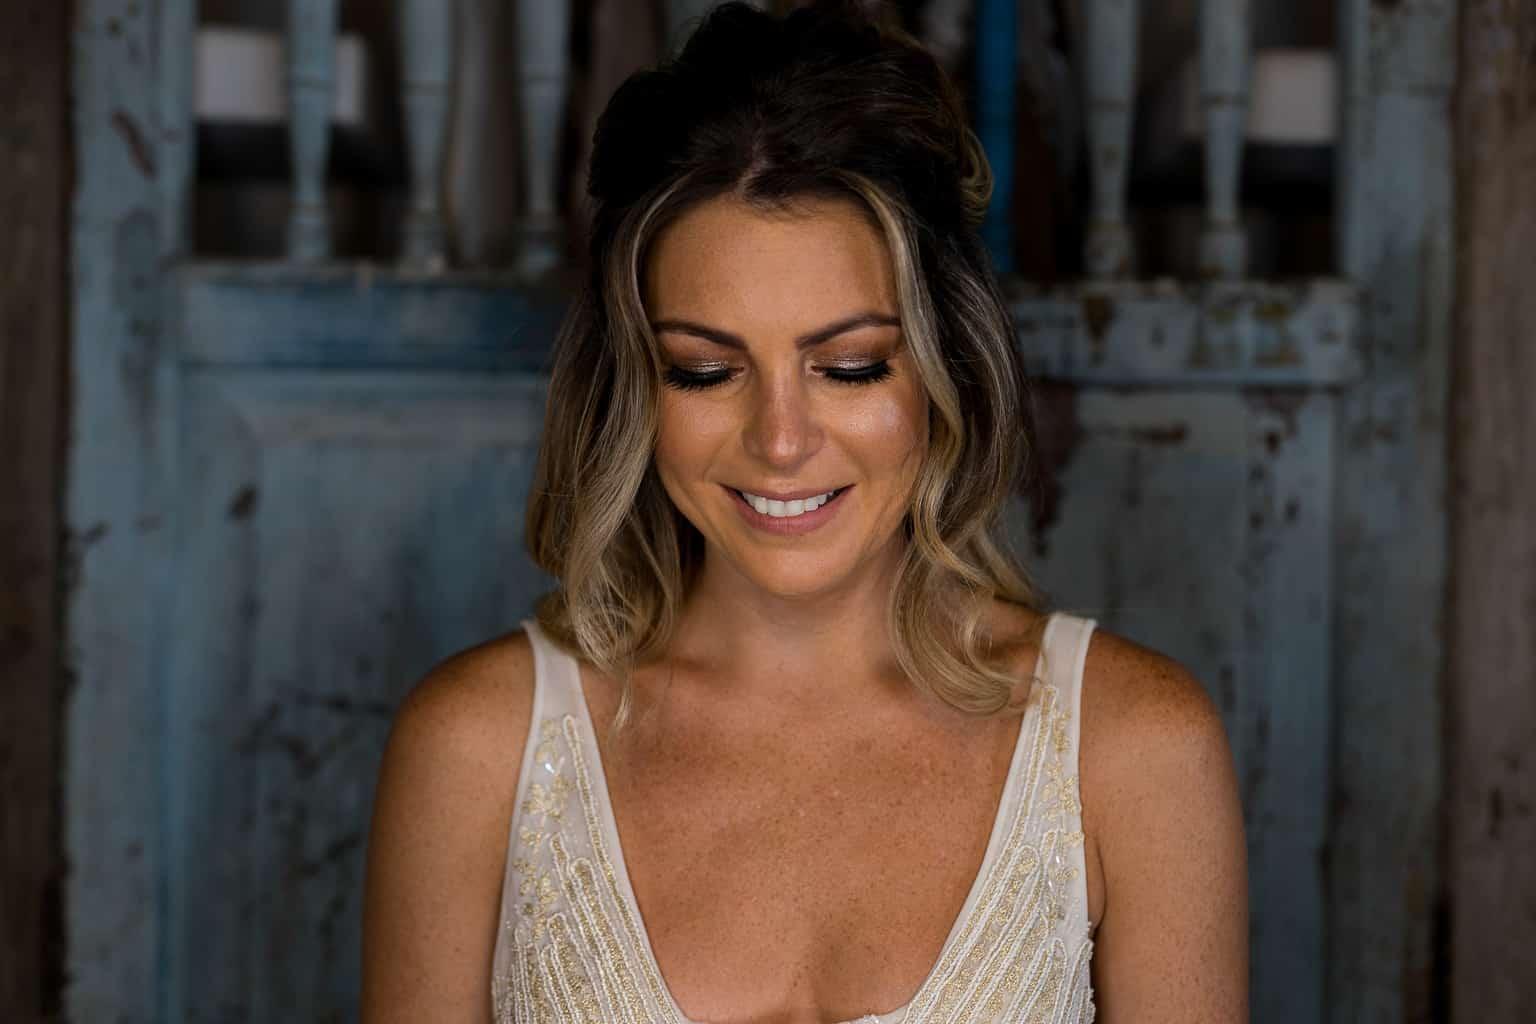 Casamento-Victoria-e-Christian-Fotografia-Tiago-Saldanha119_MG_0407